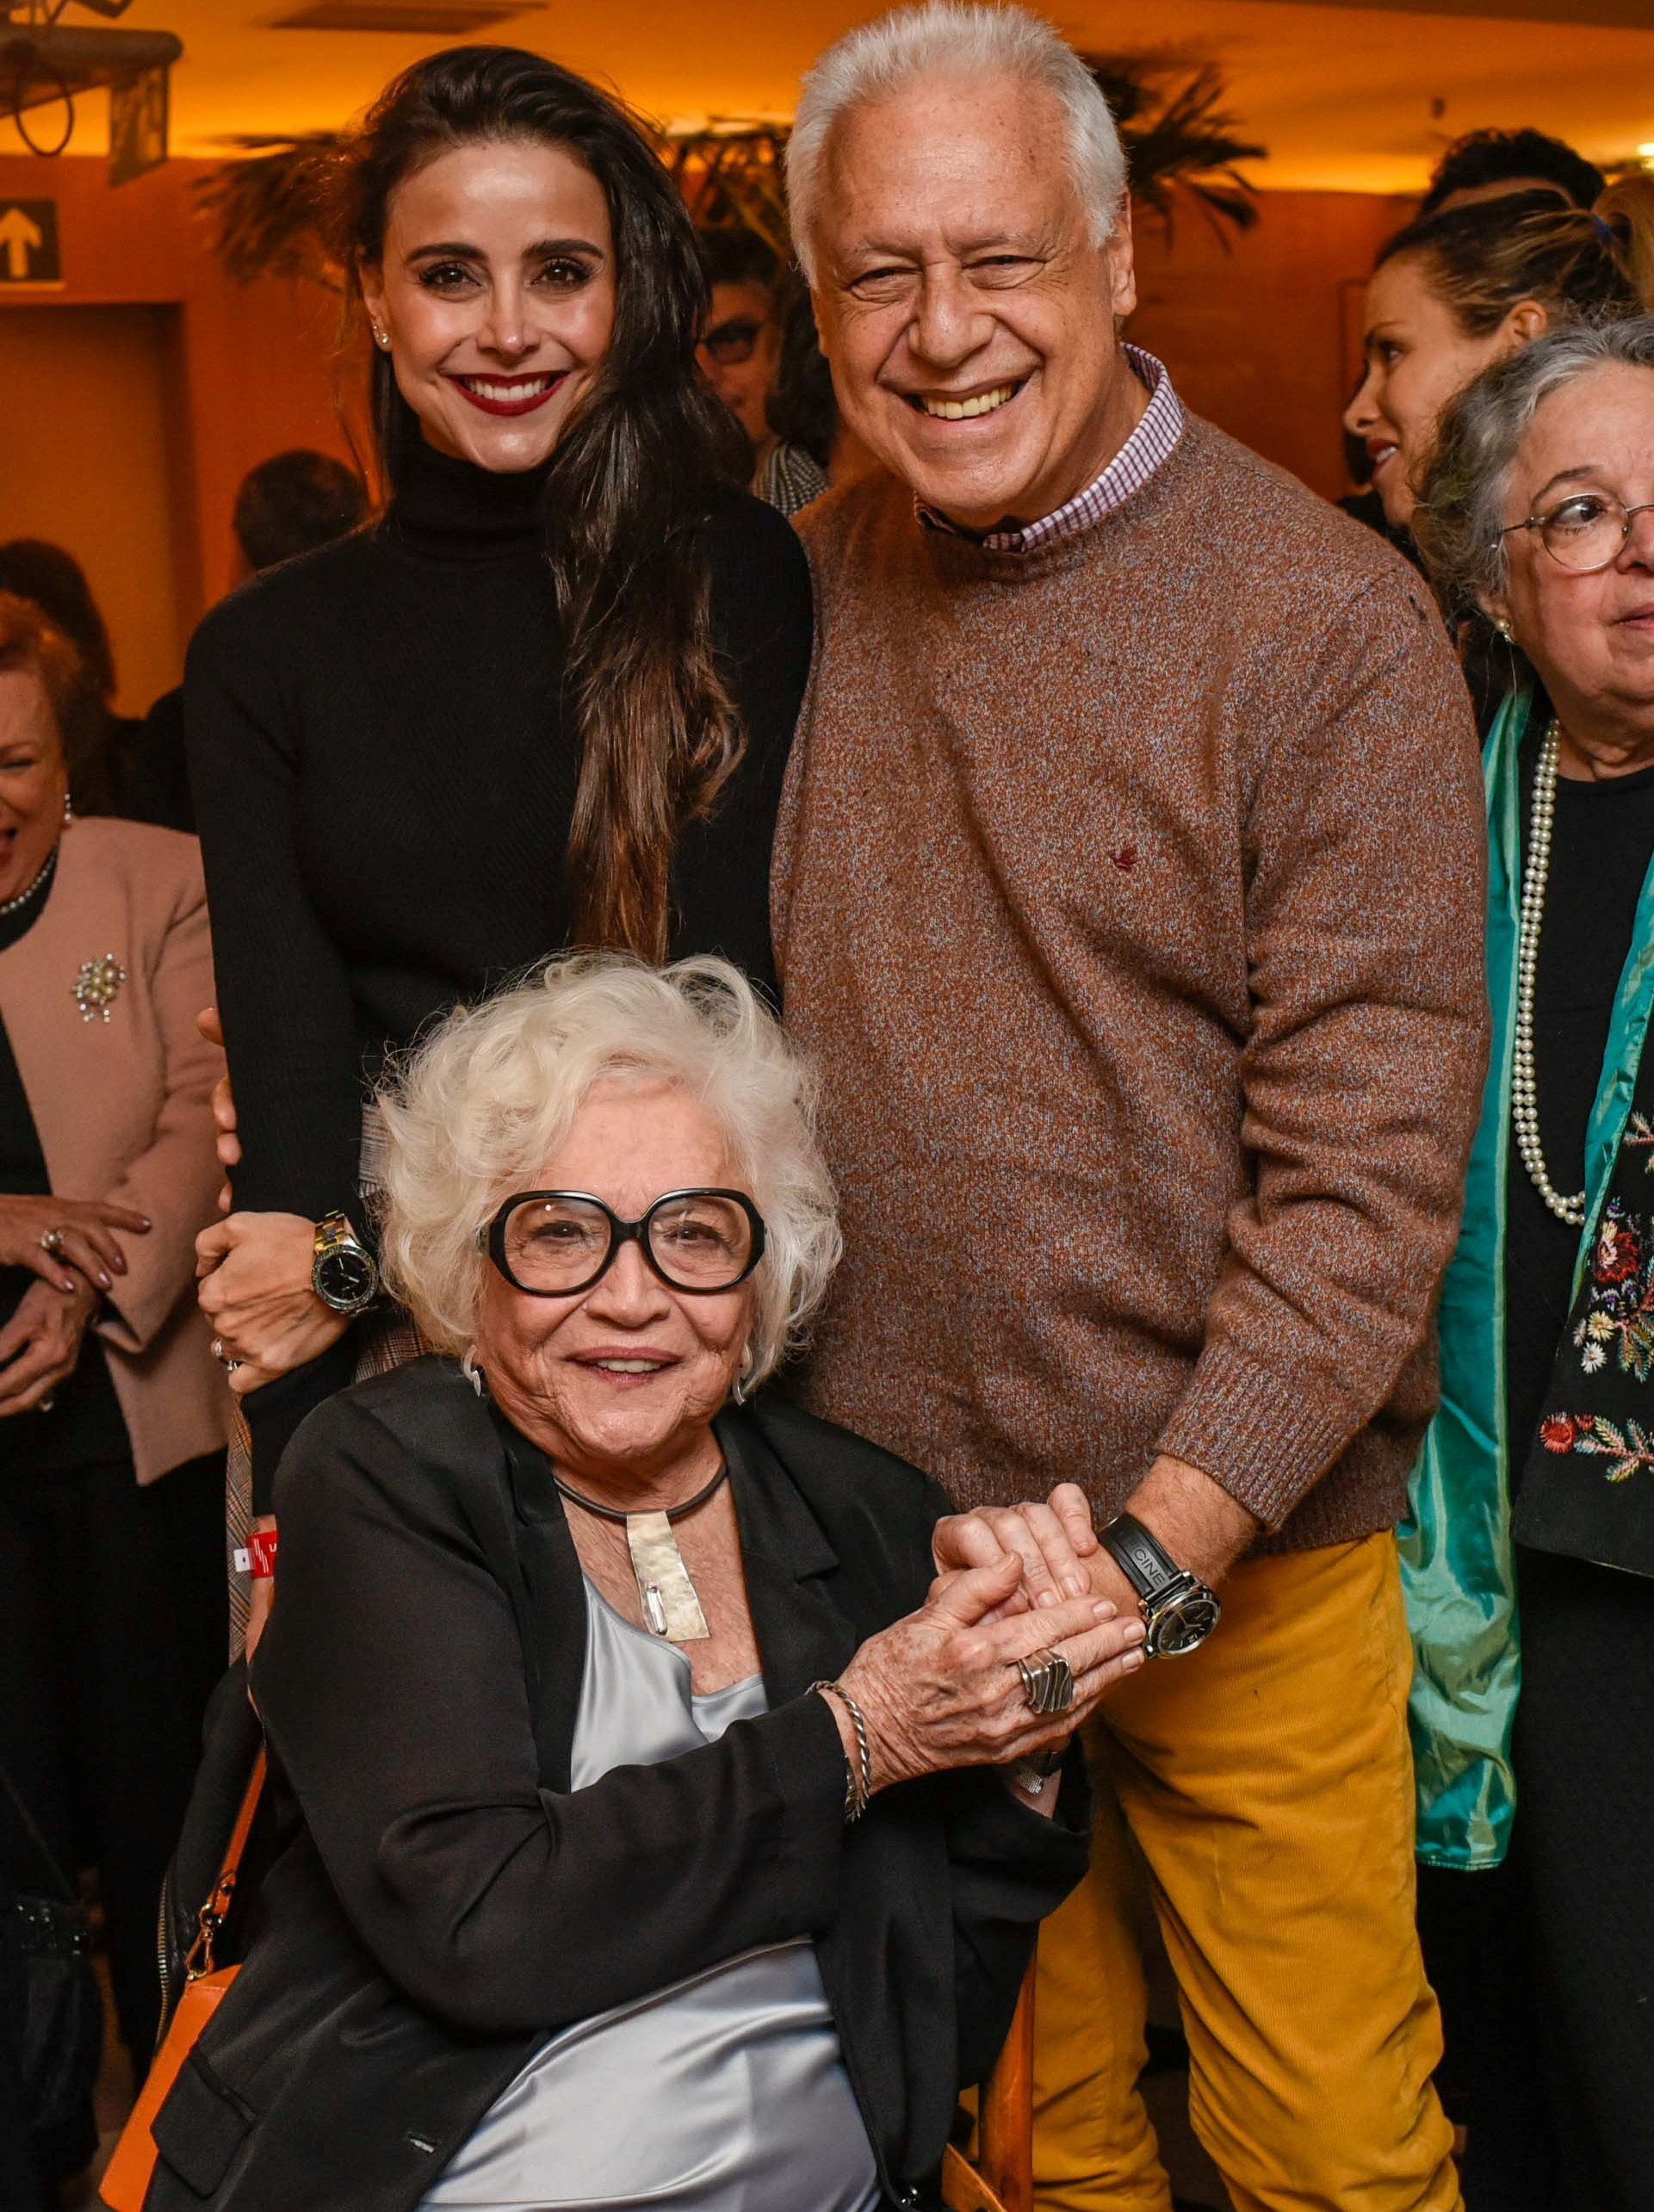 Alexandra Martins, Antônio Fagundes e Nathália Timberg  / Foto: Mariama Prieto